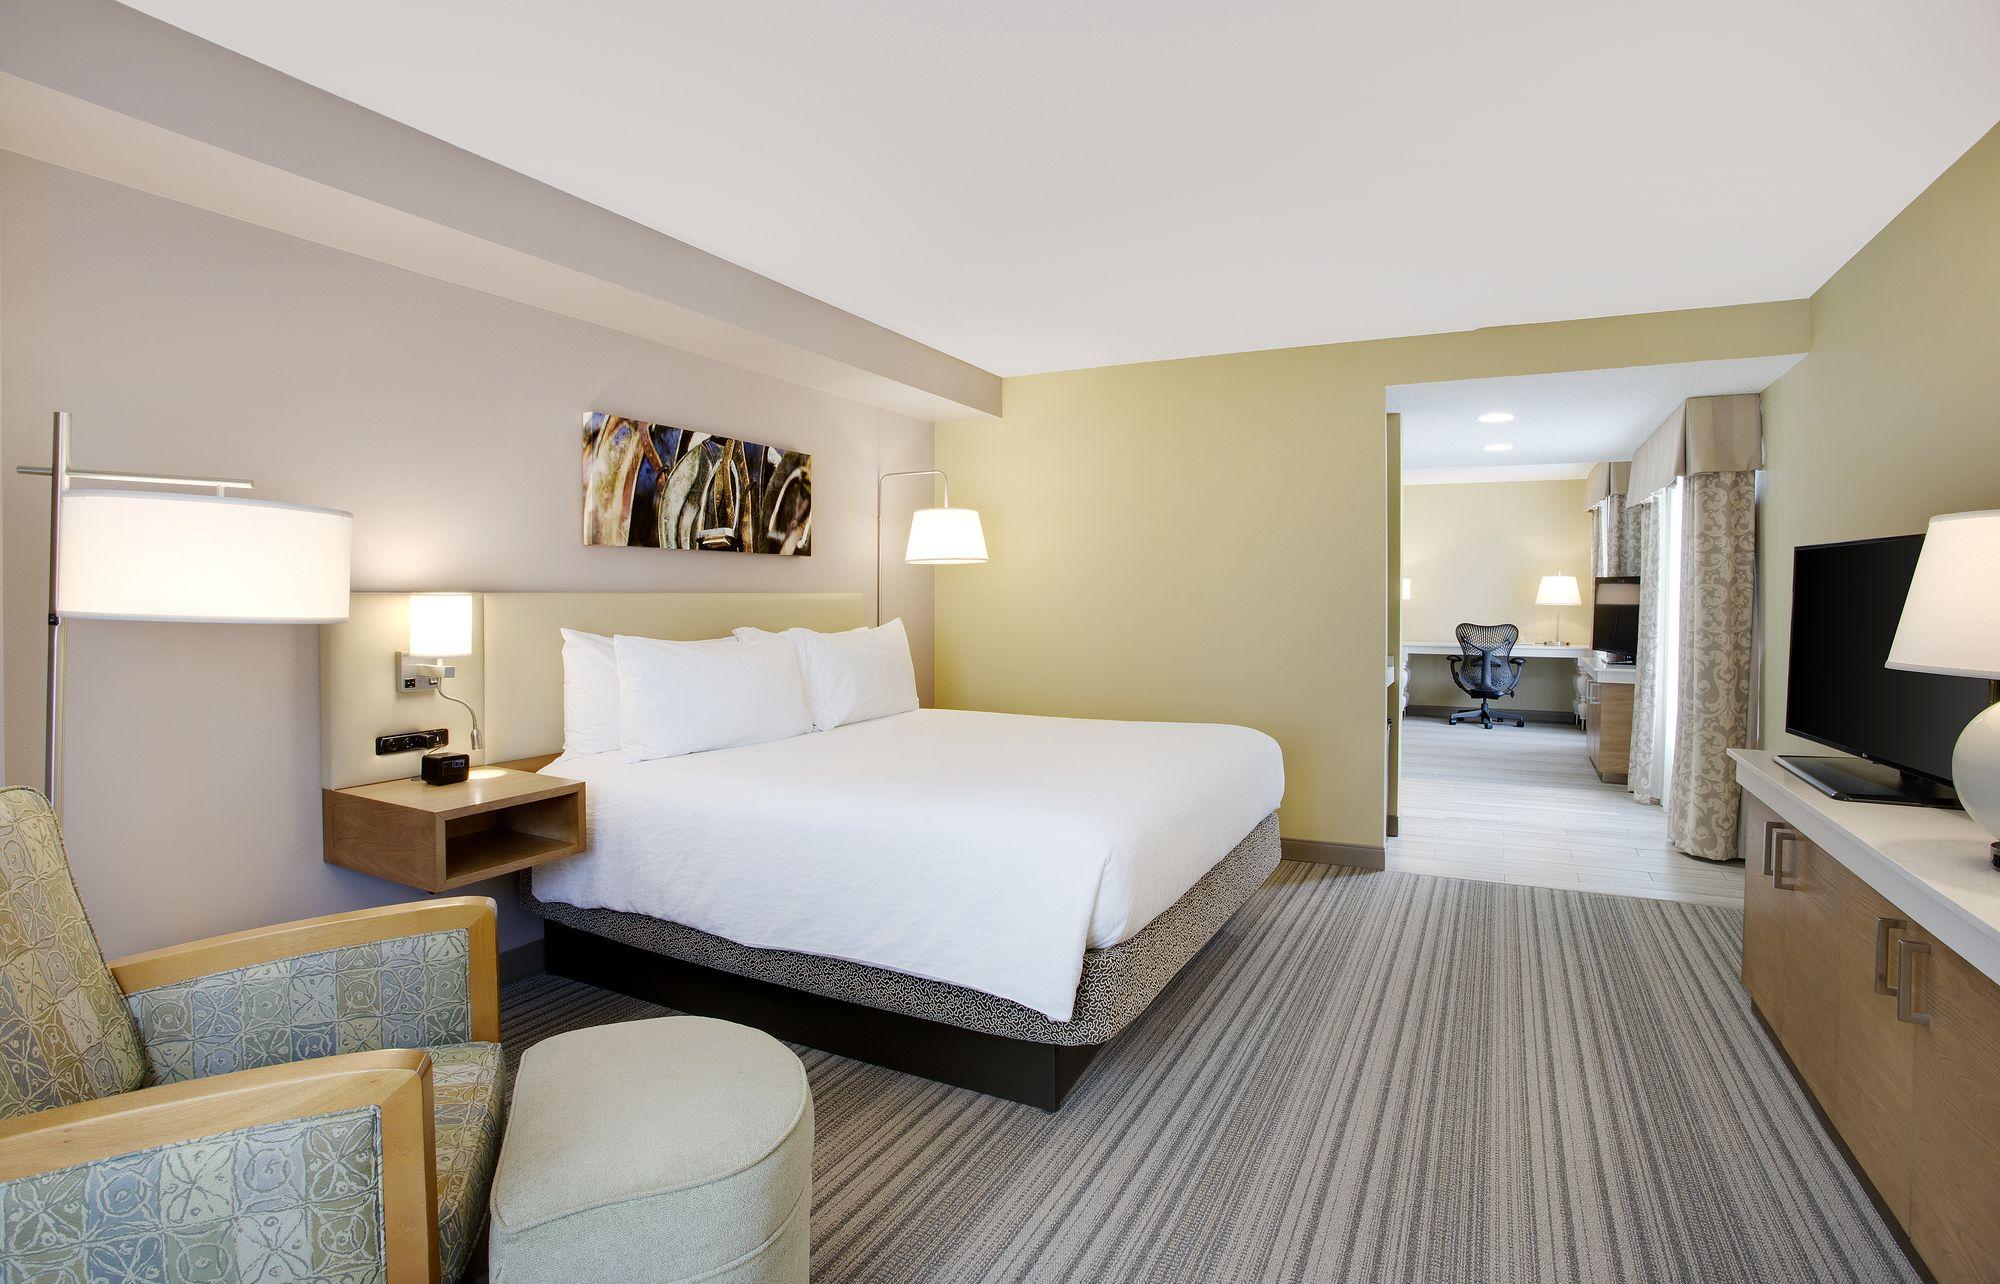 ... NY Hilton Garden Inn Saratoga Springs In Saratoga Springs, ...